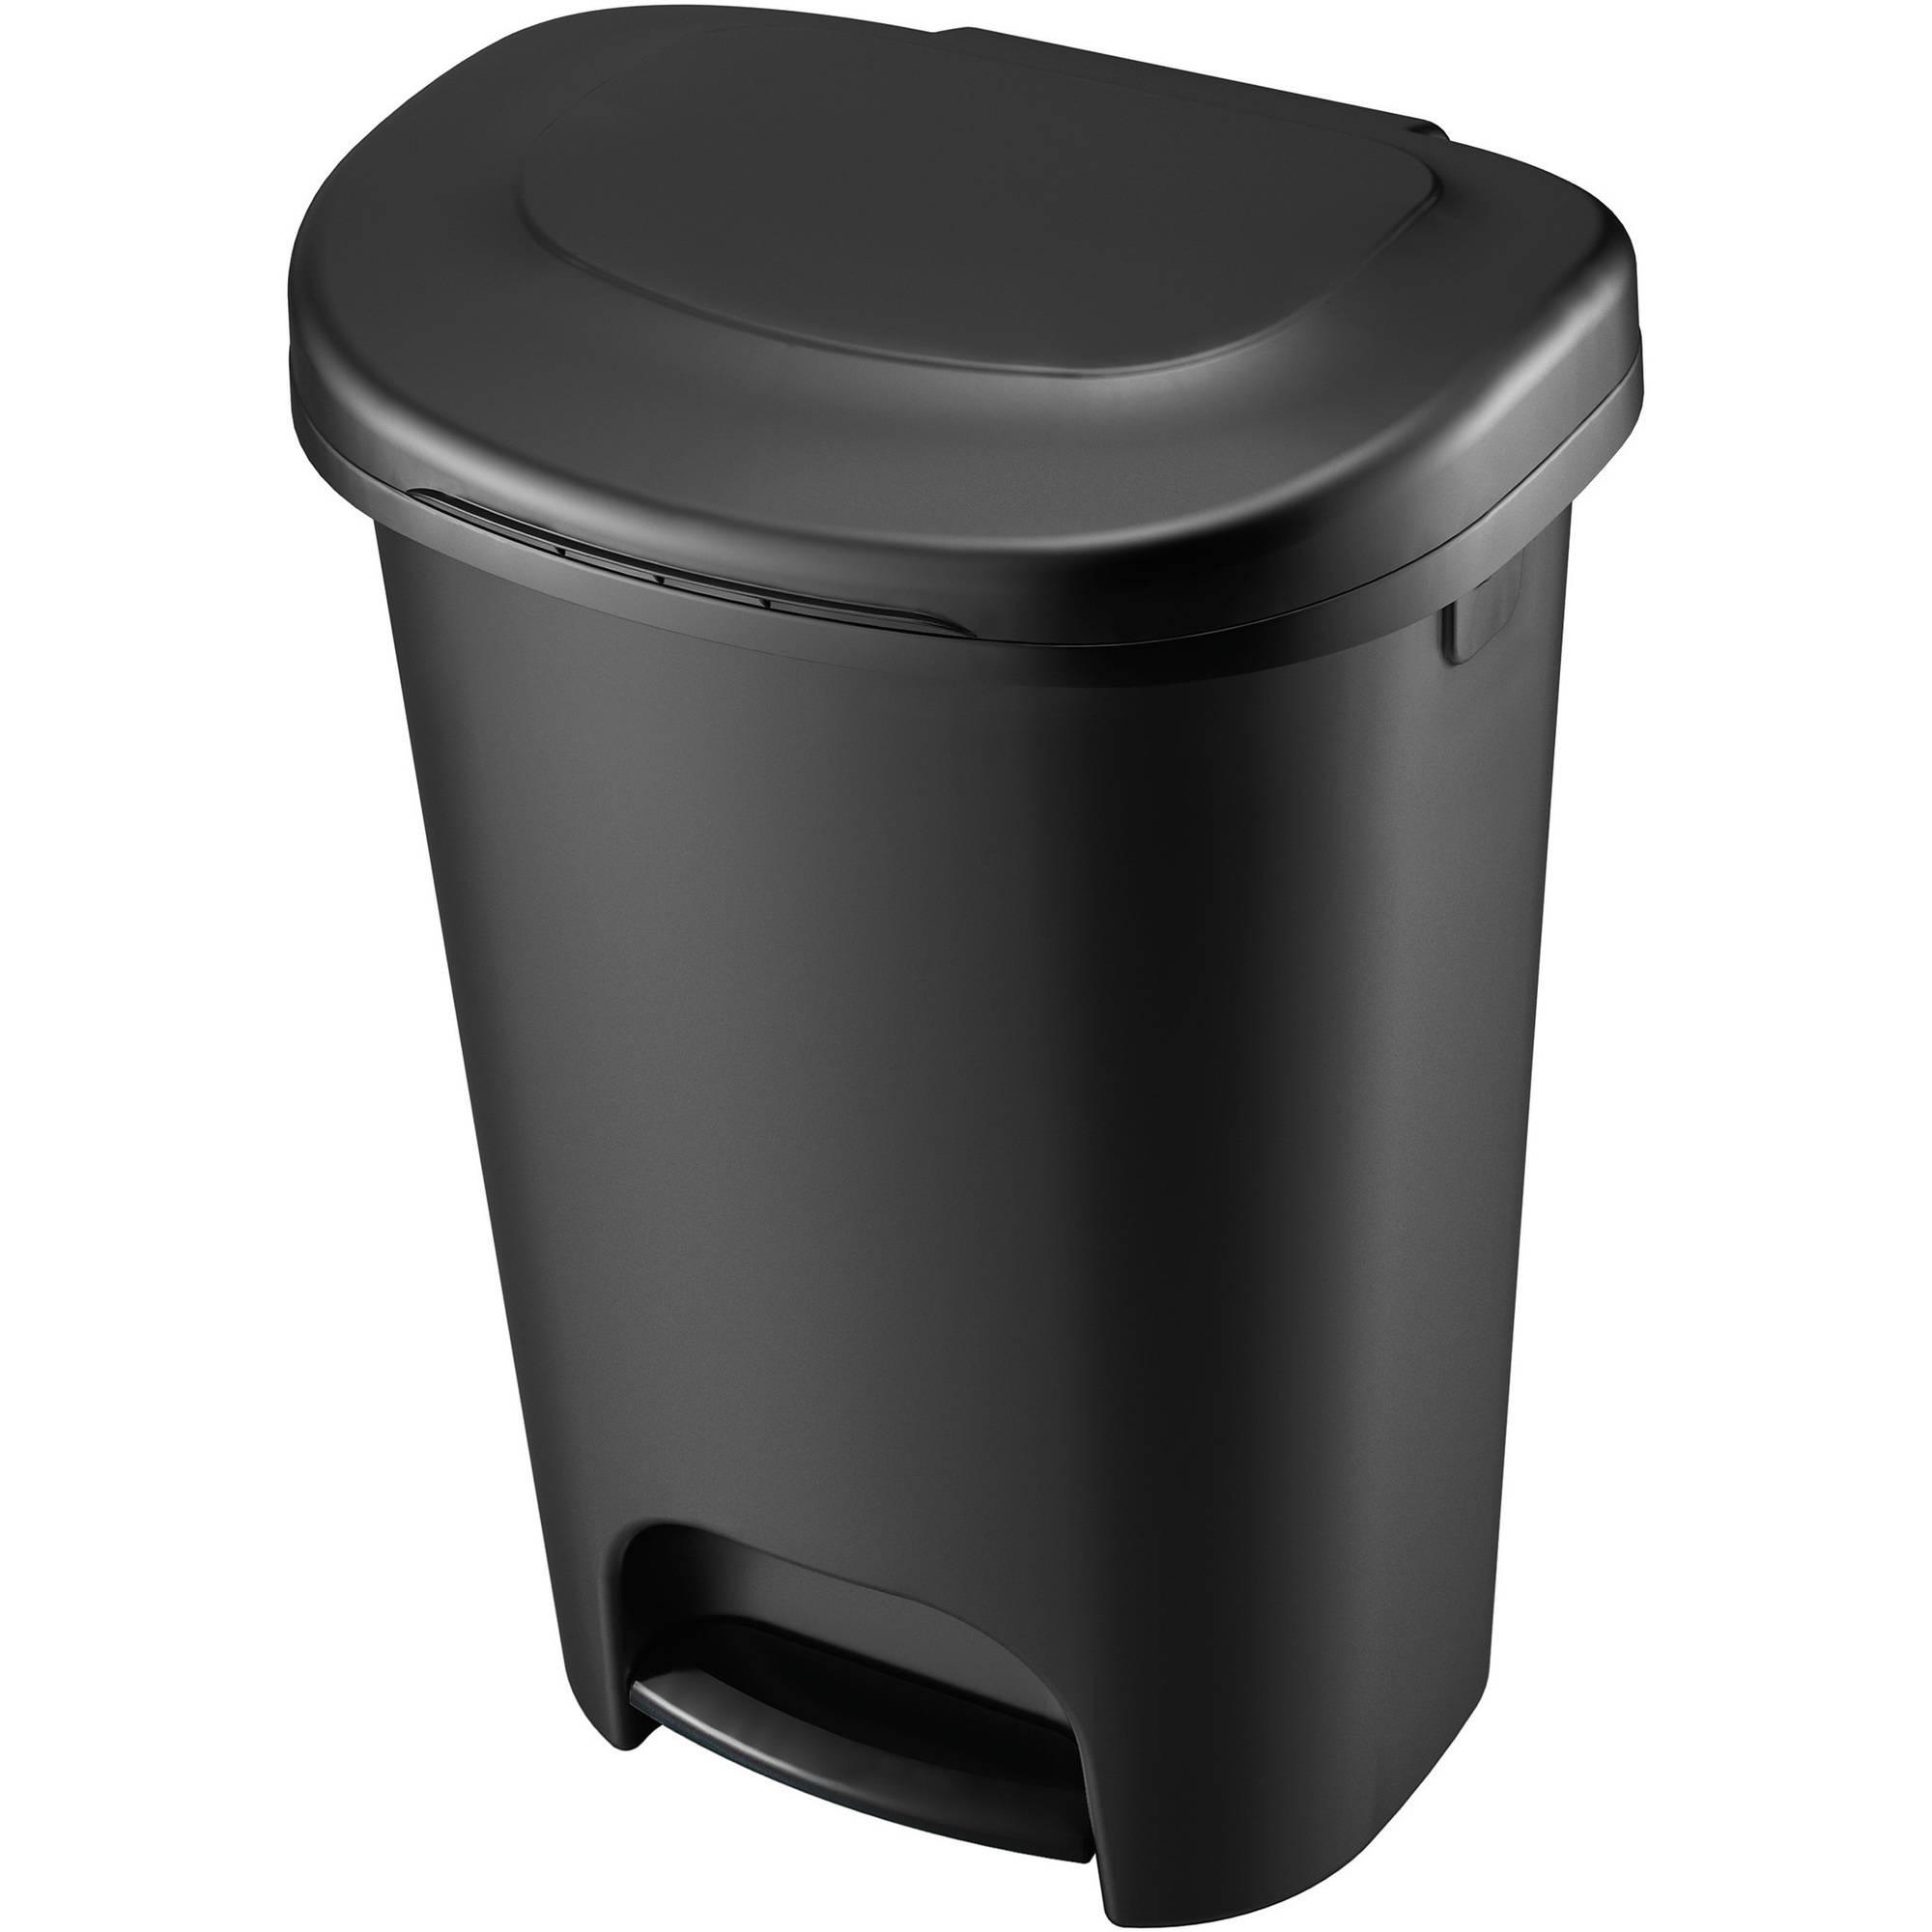 Newell Rubbermaid Rubbermaid 13 - Gallon Step On Wastebasket, Black